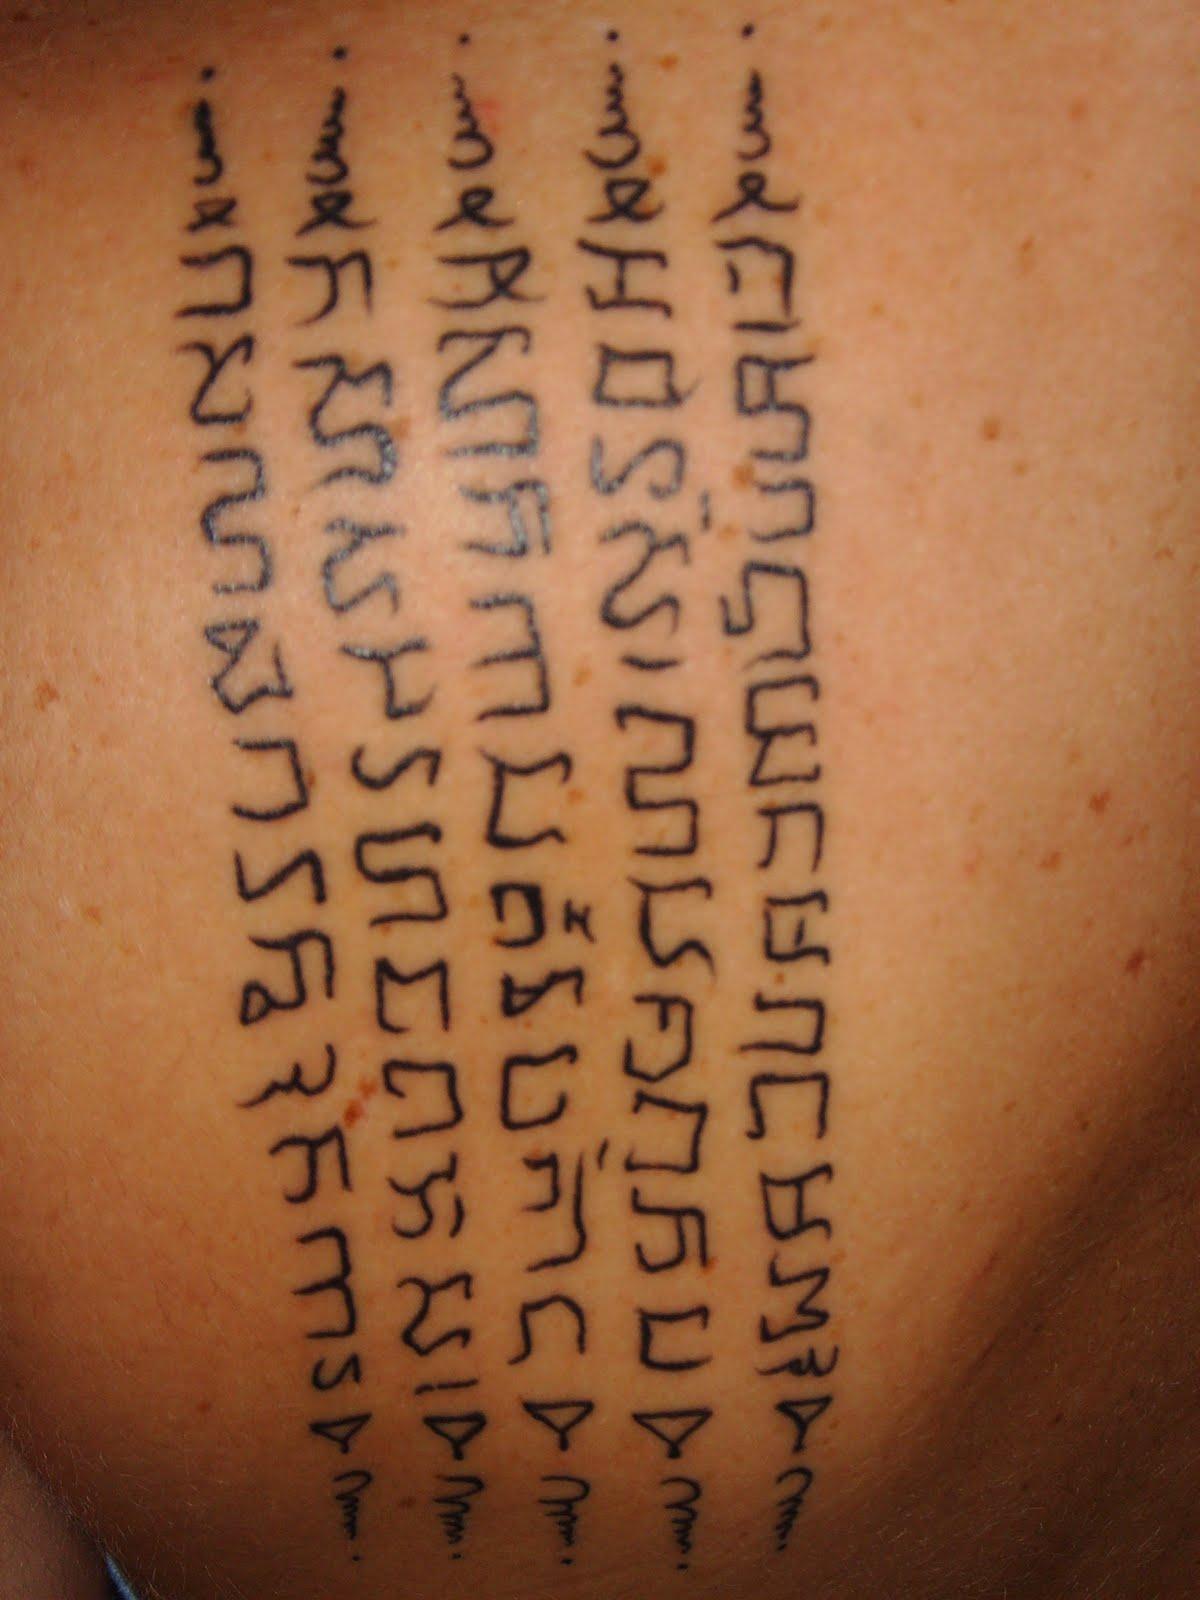 Traduction en tibétain pour tatouage en cursive Voyage Forum - Traduction En Tibétain Pour Tatouage